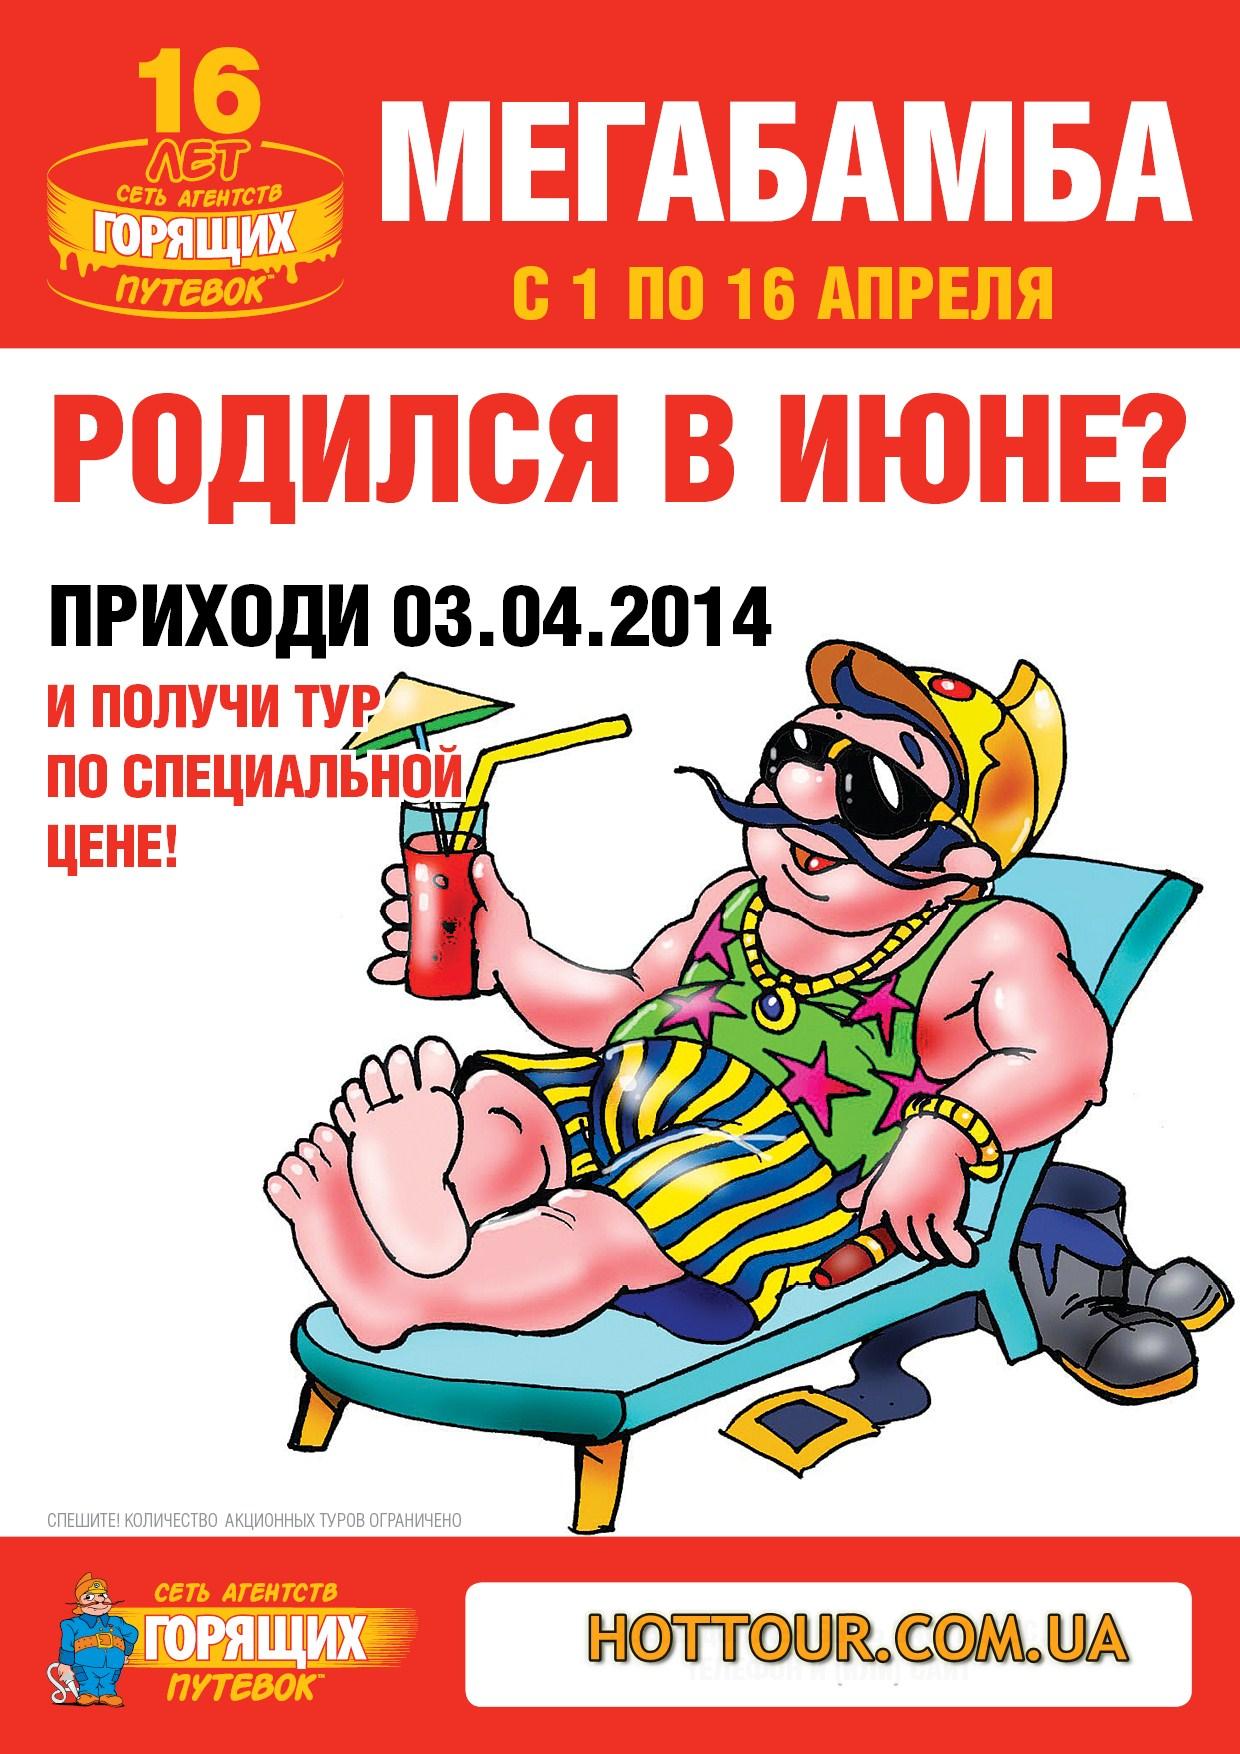 Смотреть русское порно в HD 720 качестве онлайн бесплатно и без регистрации